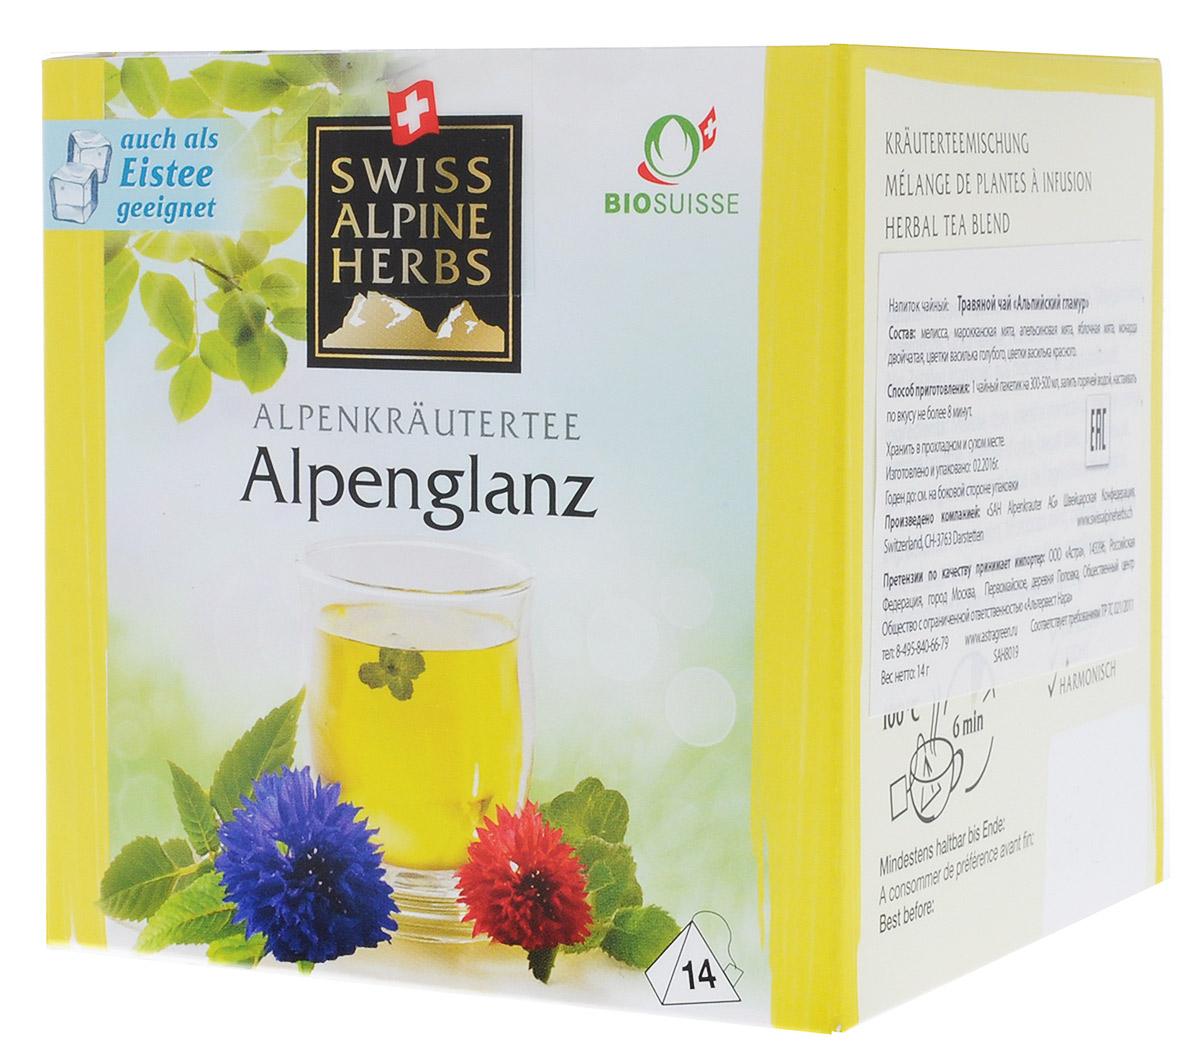 Swiss Alpine Herbs Альпийский гламур травяной чай в пакетиках, 14 штSAH8019Элитный чай в пирамидках Swiss Alpine Herbs- это вкусный, бодрящий и тонизирующий напиток. В его состав входят альпийские травы: мелисса, марокканская мята, апельсиновая мята, яблочная мята, двойчатая монарда, цветки голубого и красного василька. Это не просто вкусный, но и очень полезный чай, который обеспечит ваш организм необходимыми витаминами.